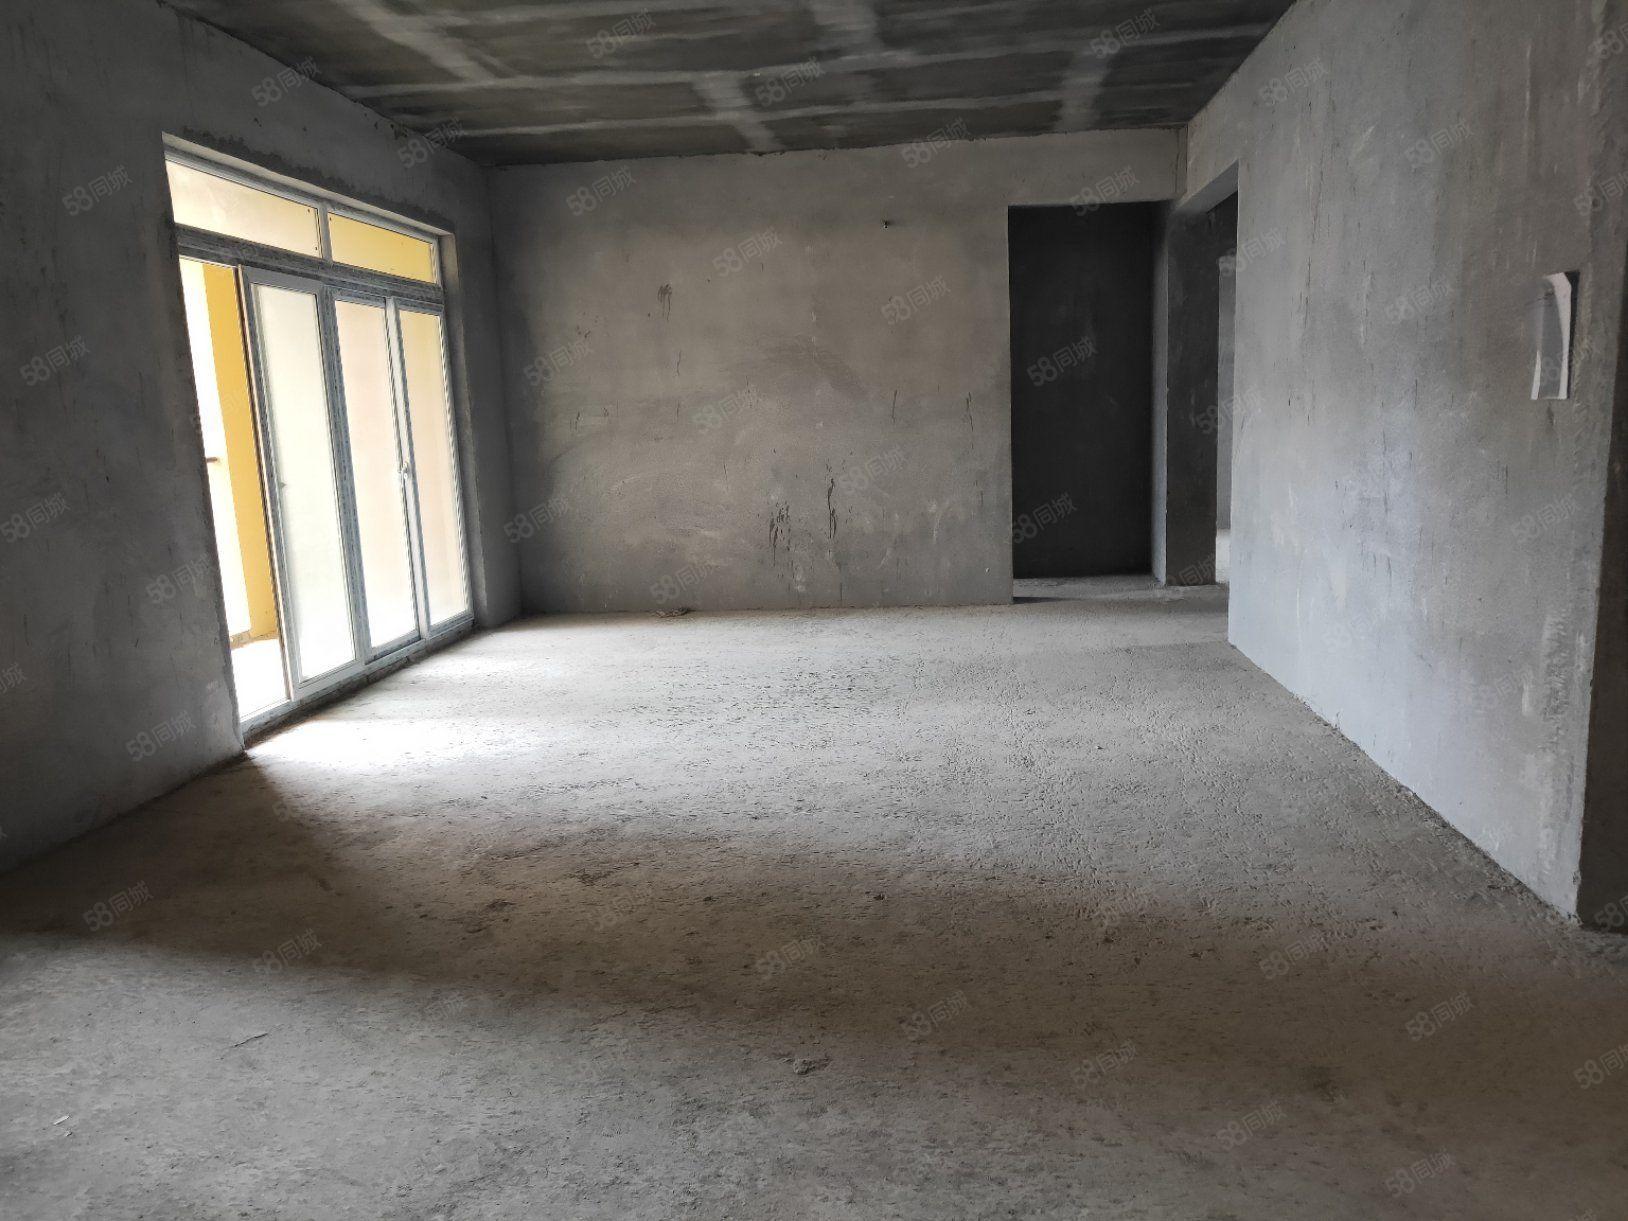 川硐桐达山韵带入户花园毛坯3室2厅2卫136.7平米